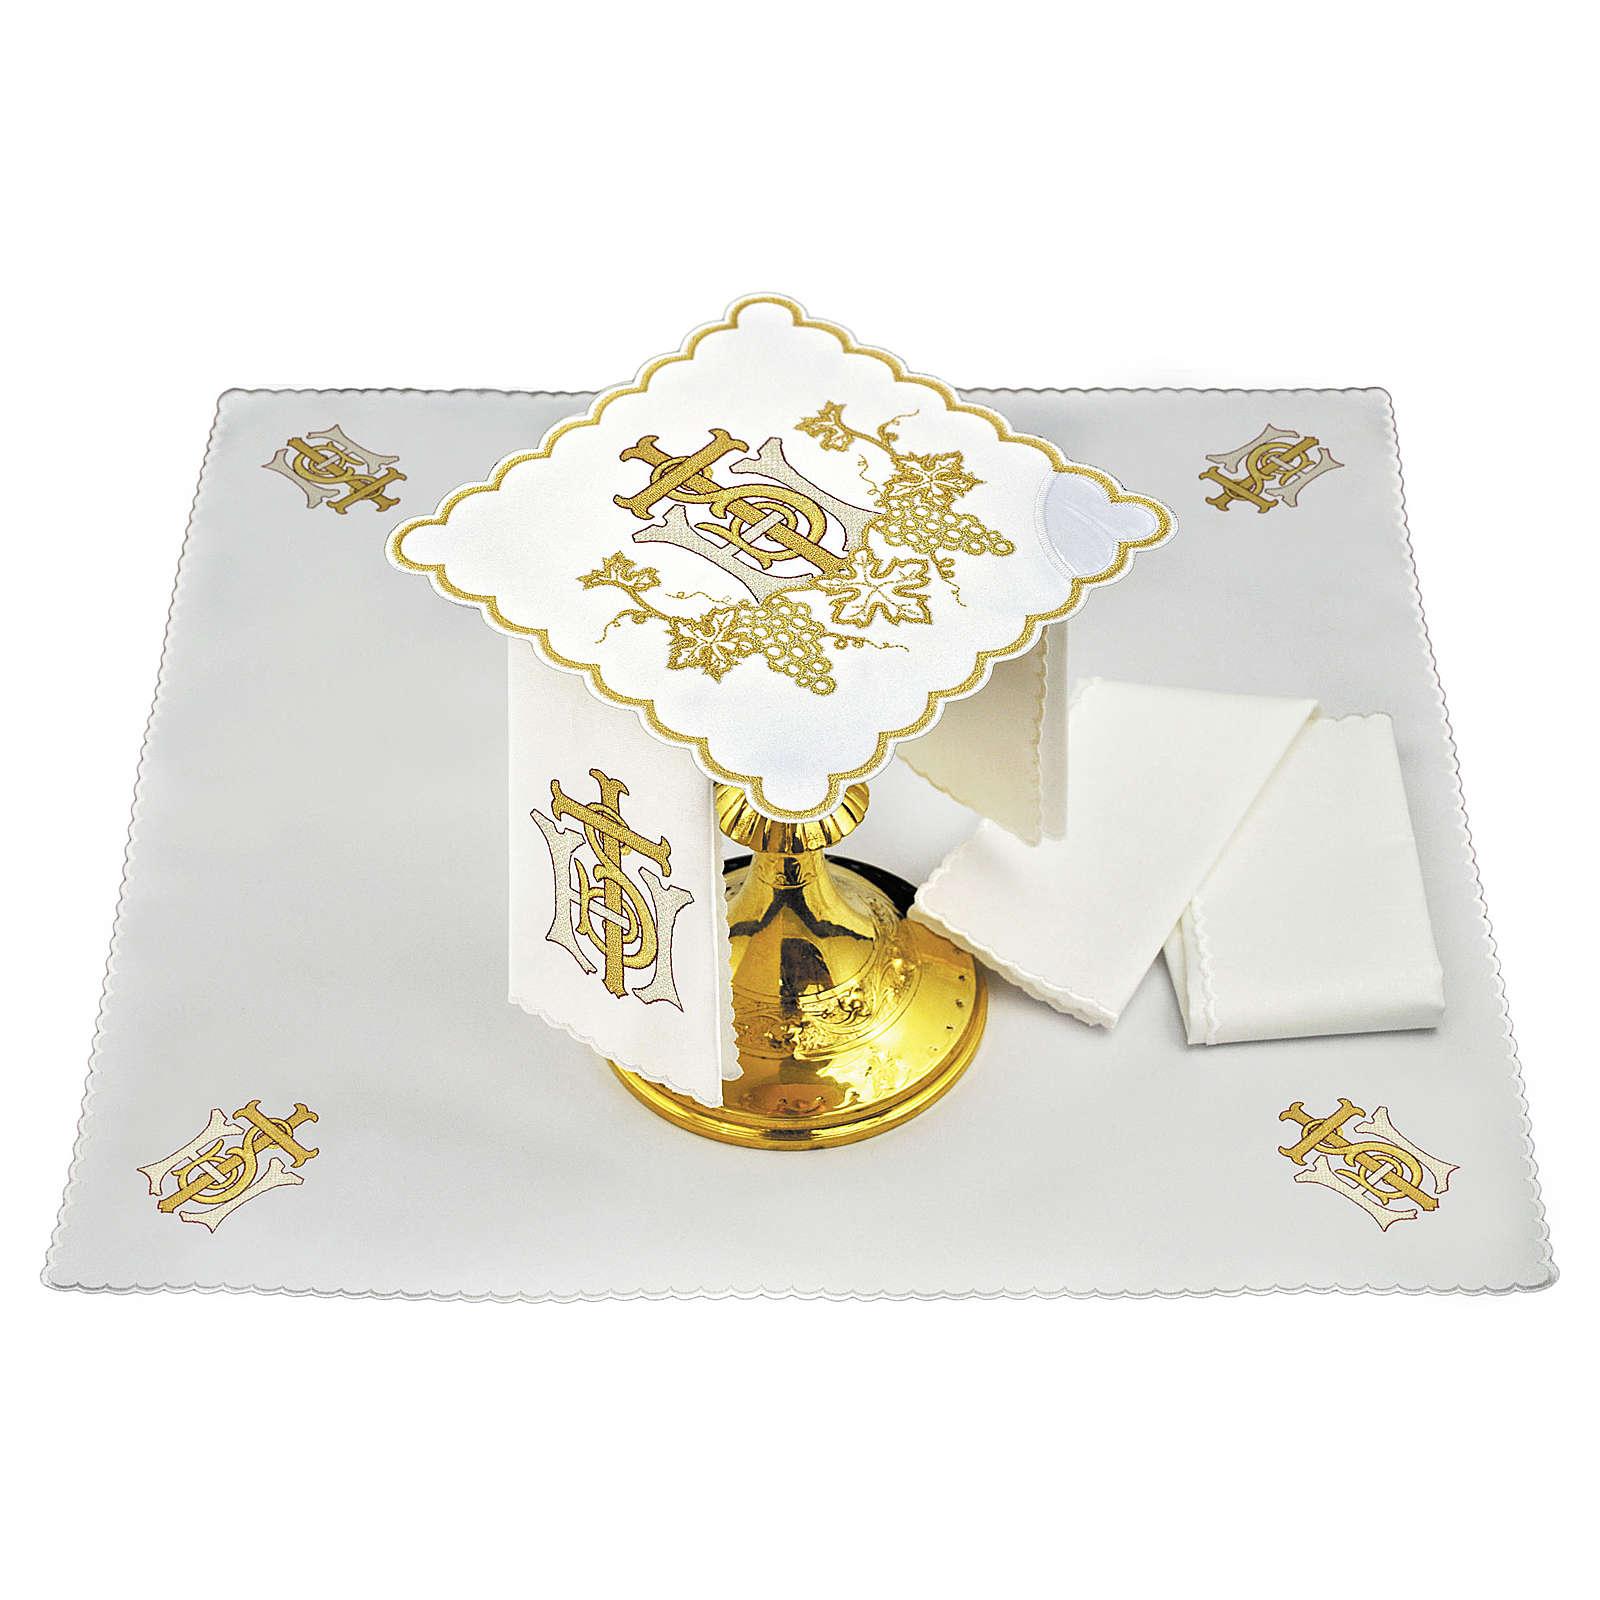 Linge autel lin grappes raisin croix broderie dorée 4